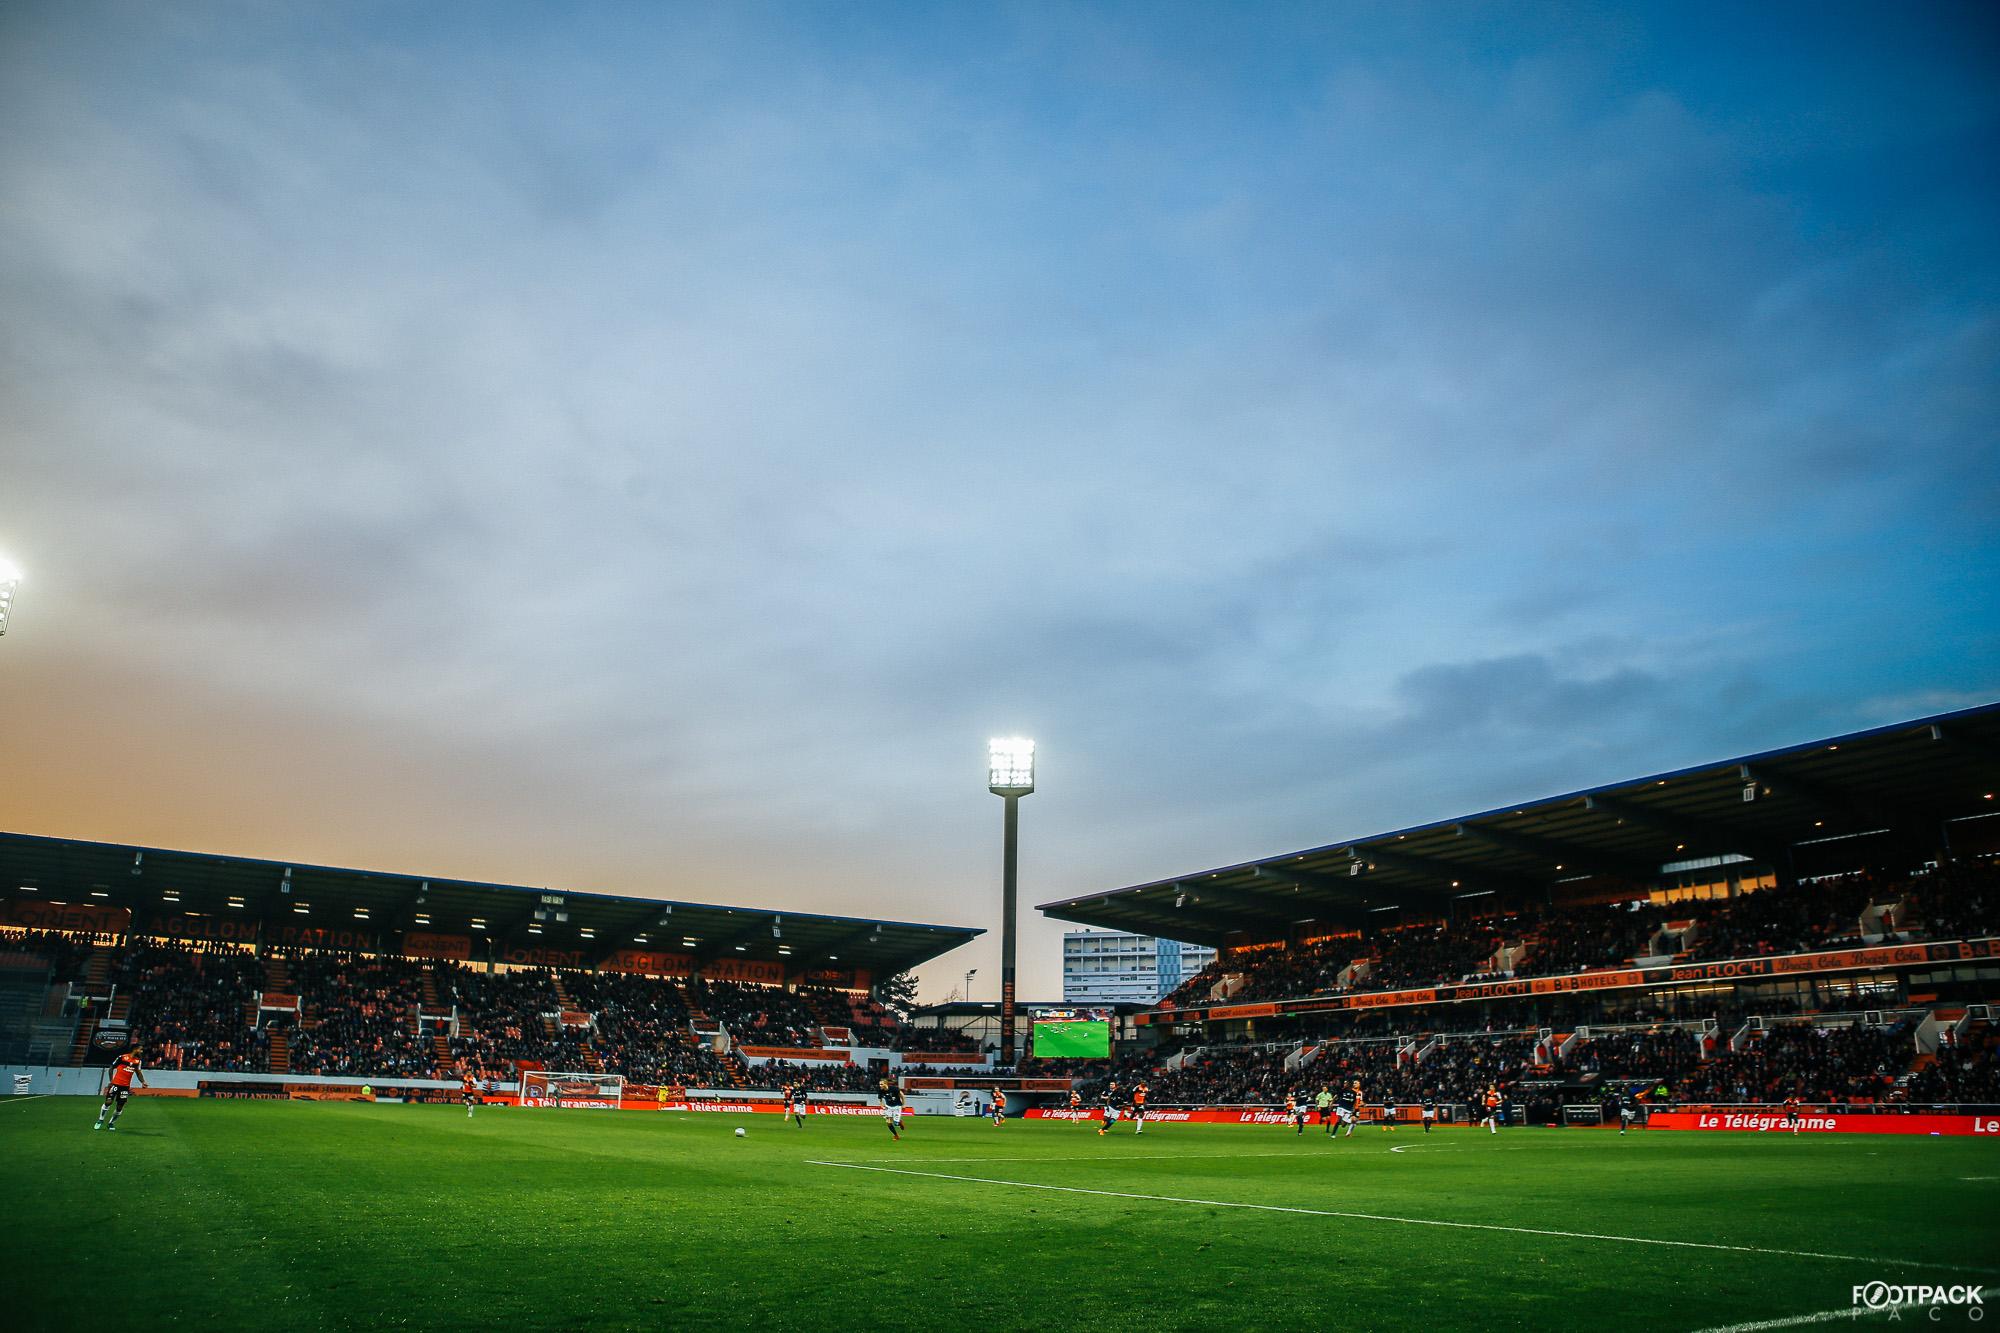 Superbe photo du stade du Moustoir par Paco